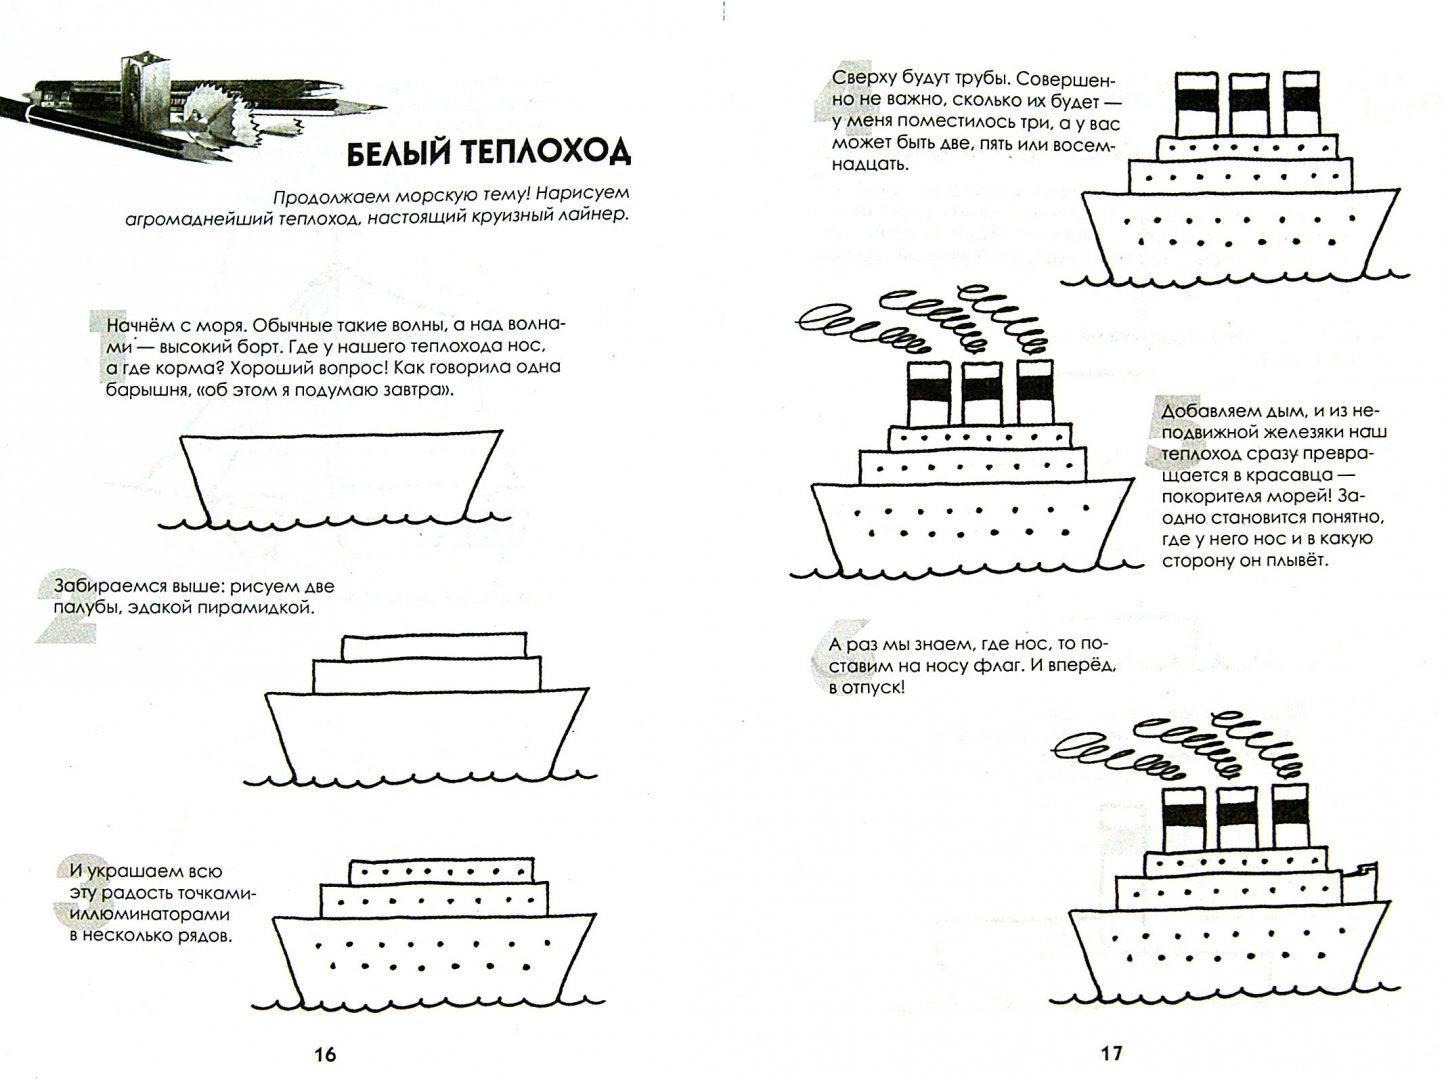 Иллюстрация 1 из 19 для Рисуем корабли, паровозы, ракеты. Пошаговый мастер-класс - Павел Линицкий   Лабиринт - книги. Источник: Лабиринт